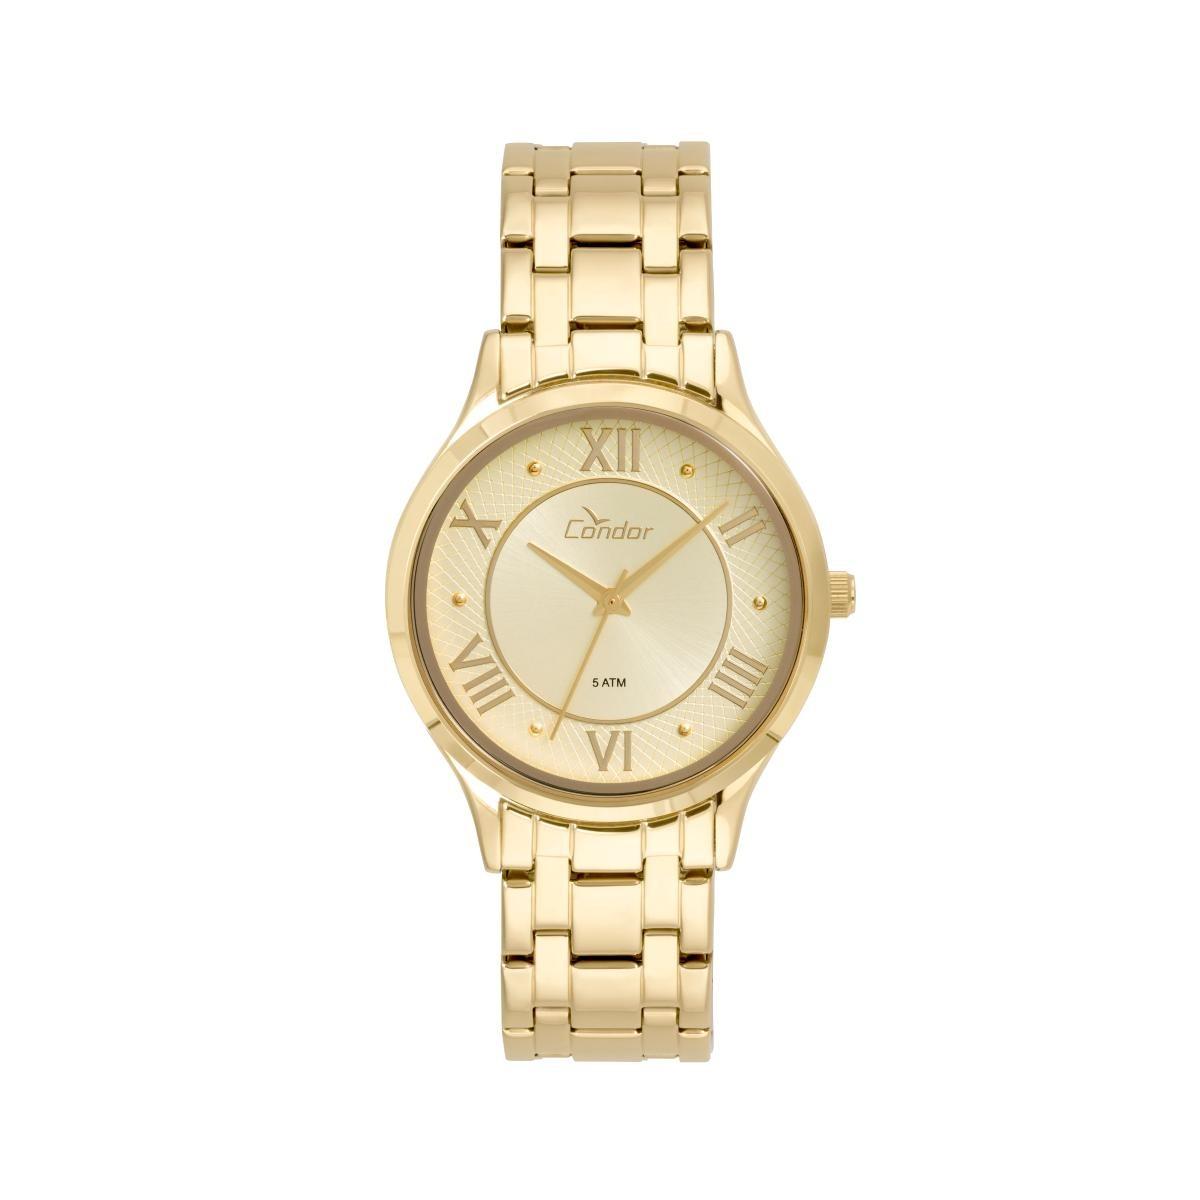 Relógio Feminino Condor Codu2036lst d Pulseira Aço Dourada - R  91 ... 1419427f68